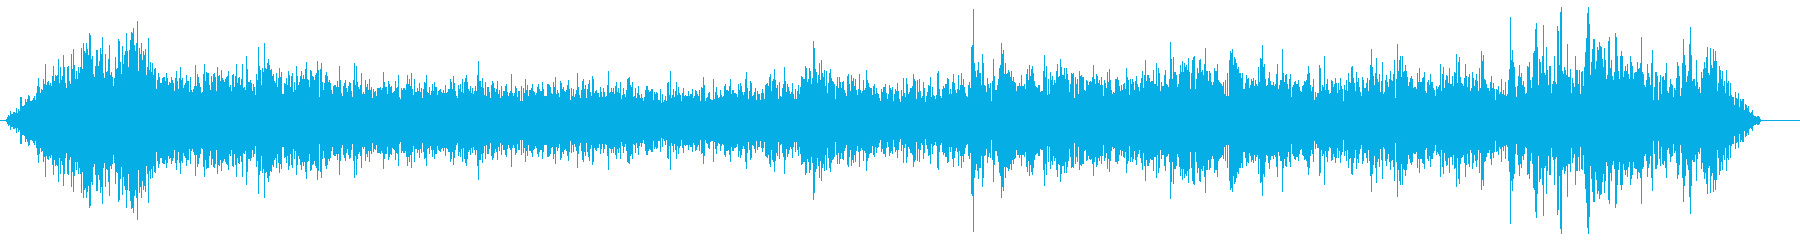 爆弾低気圧の風 ゴーゴーゴーの再生済みの波形